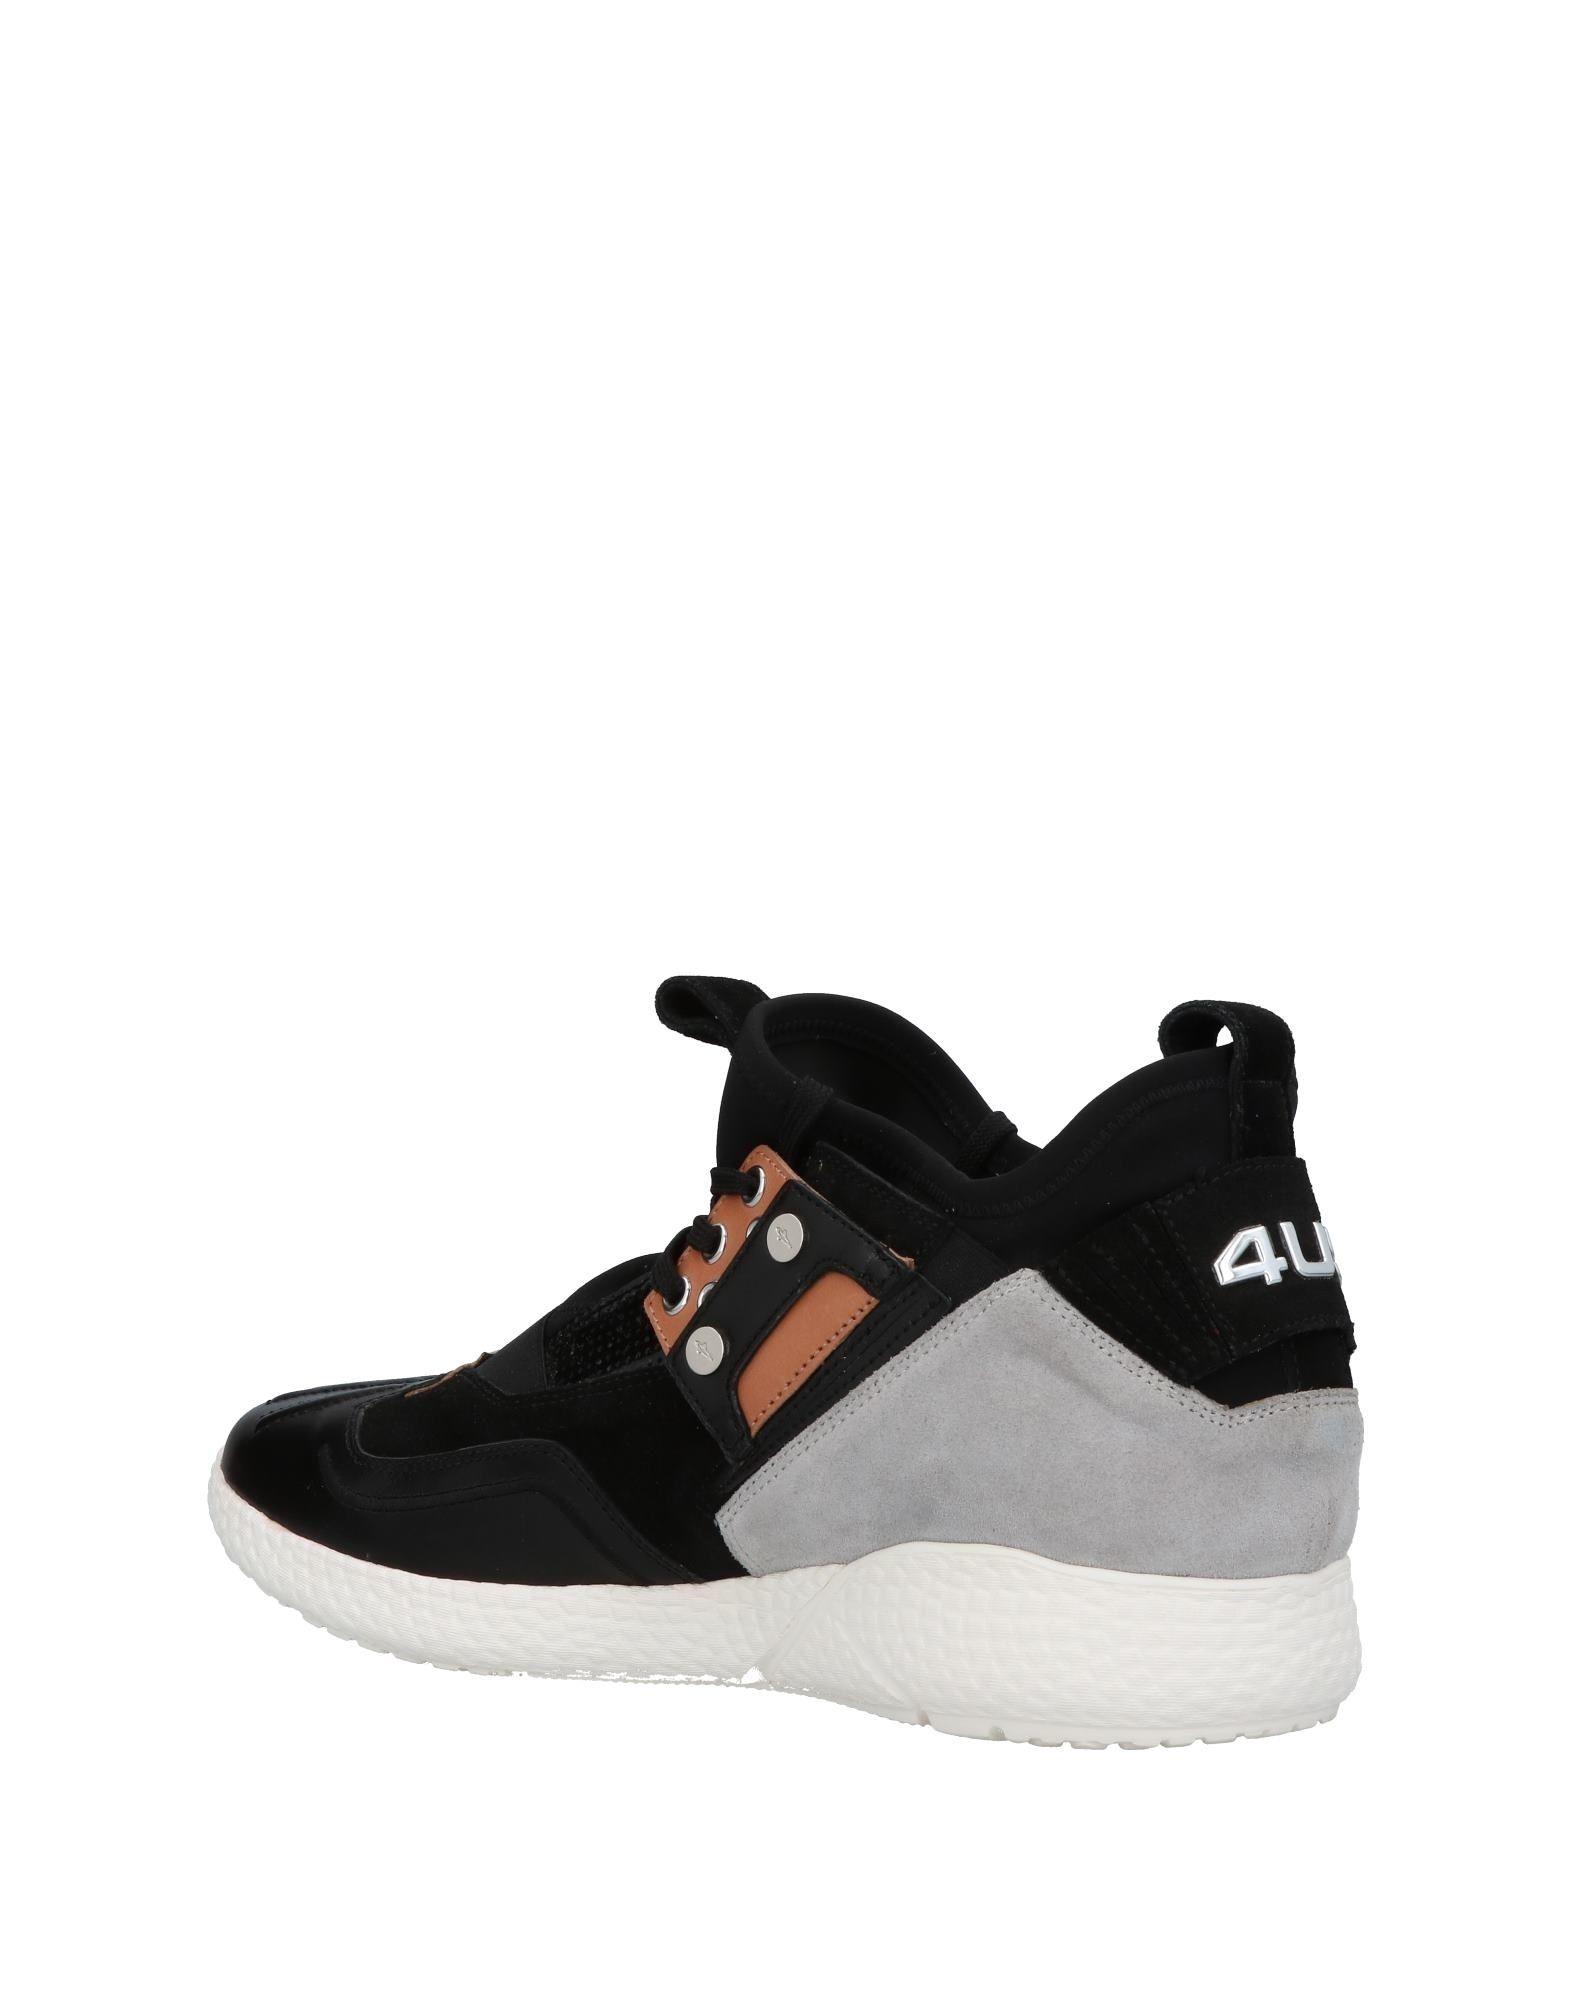 Cesare Sneakers Paciotti 4Us Sneakers Cesare Herren  11386836GB 4924c0